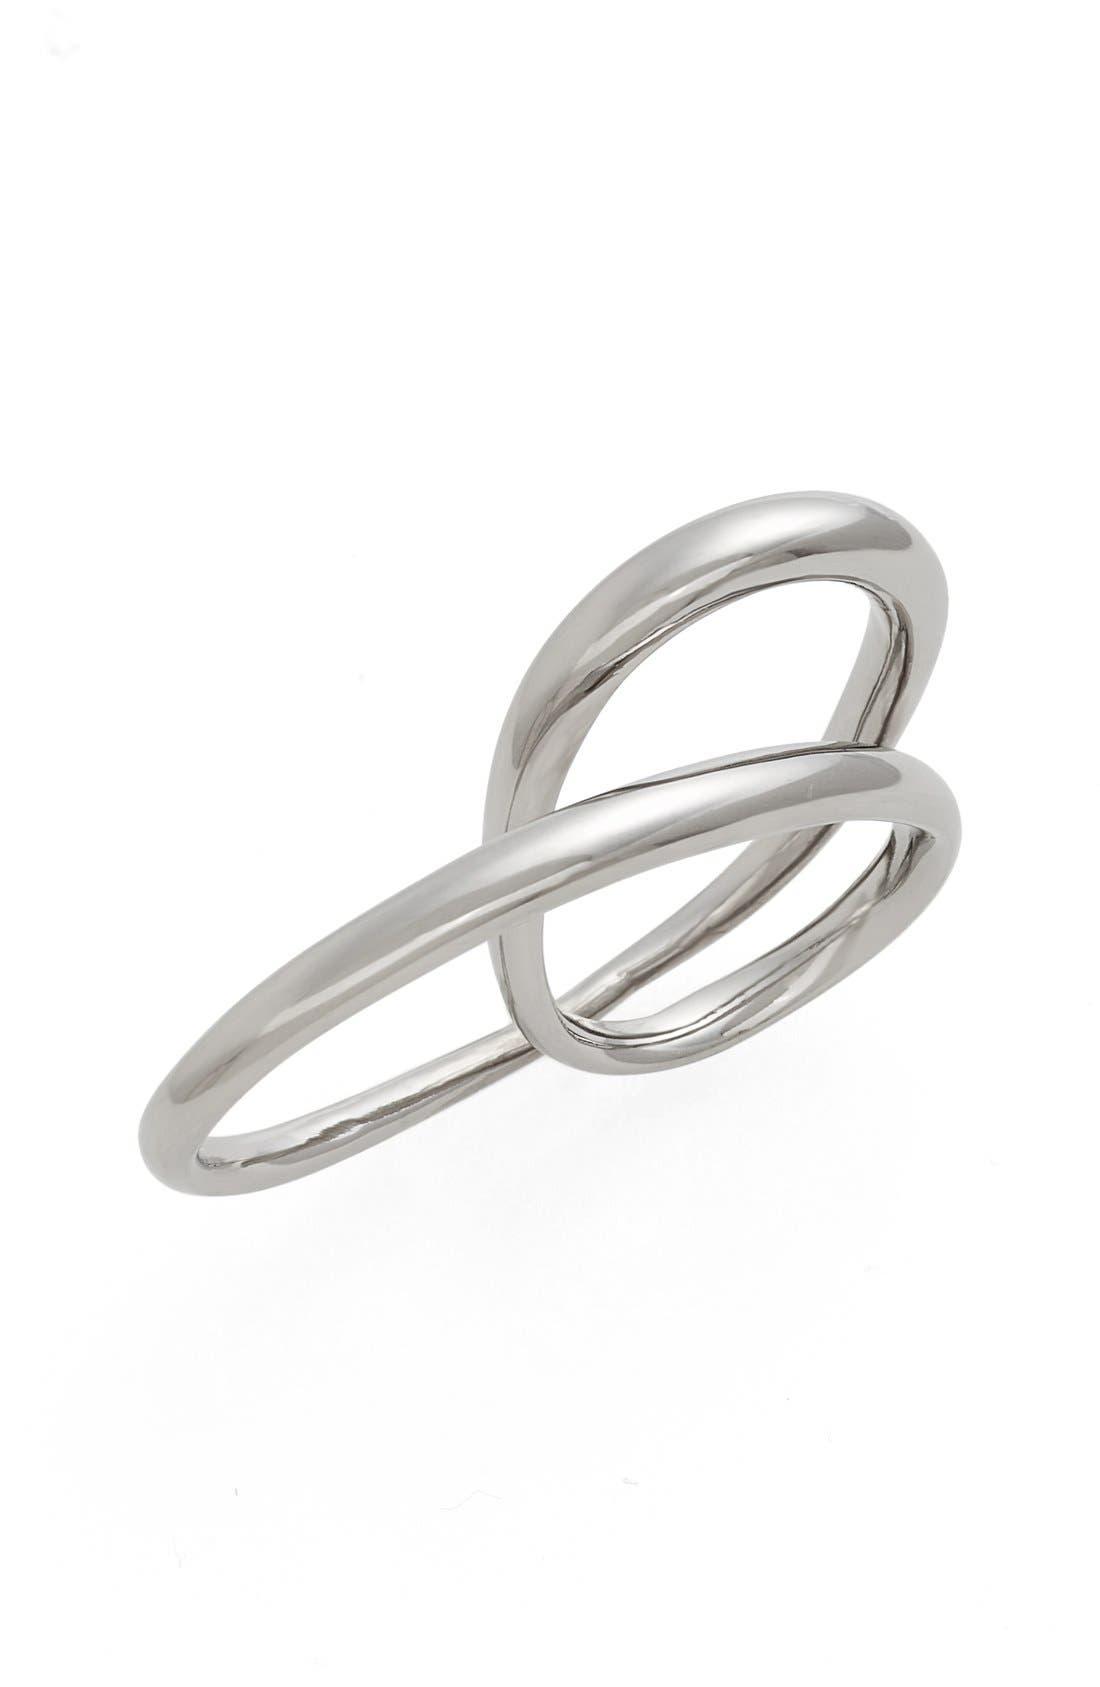 Main Image - Charlotte Chesnais 'Heart' Ring